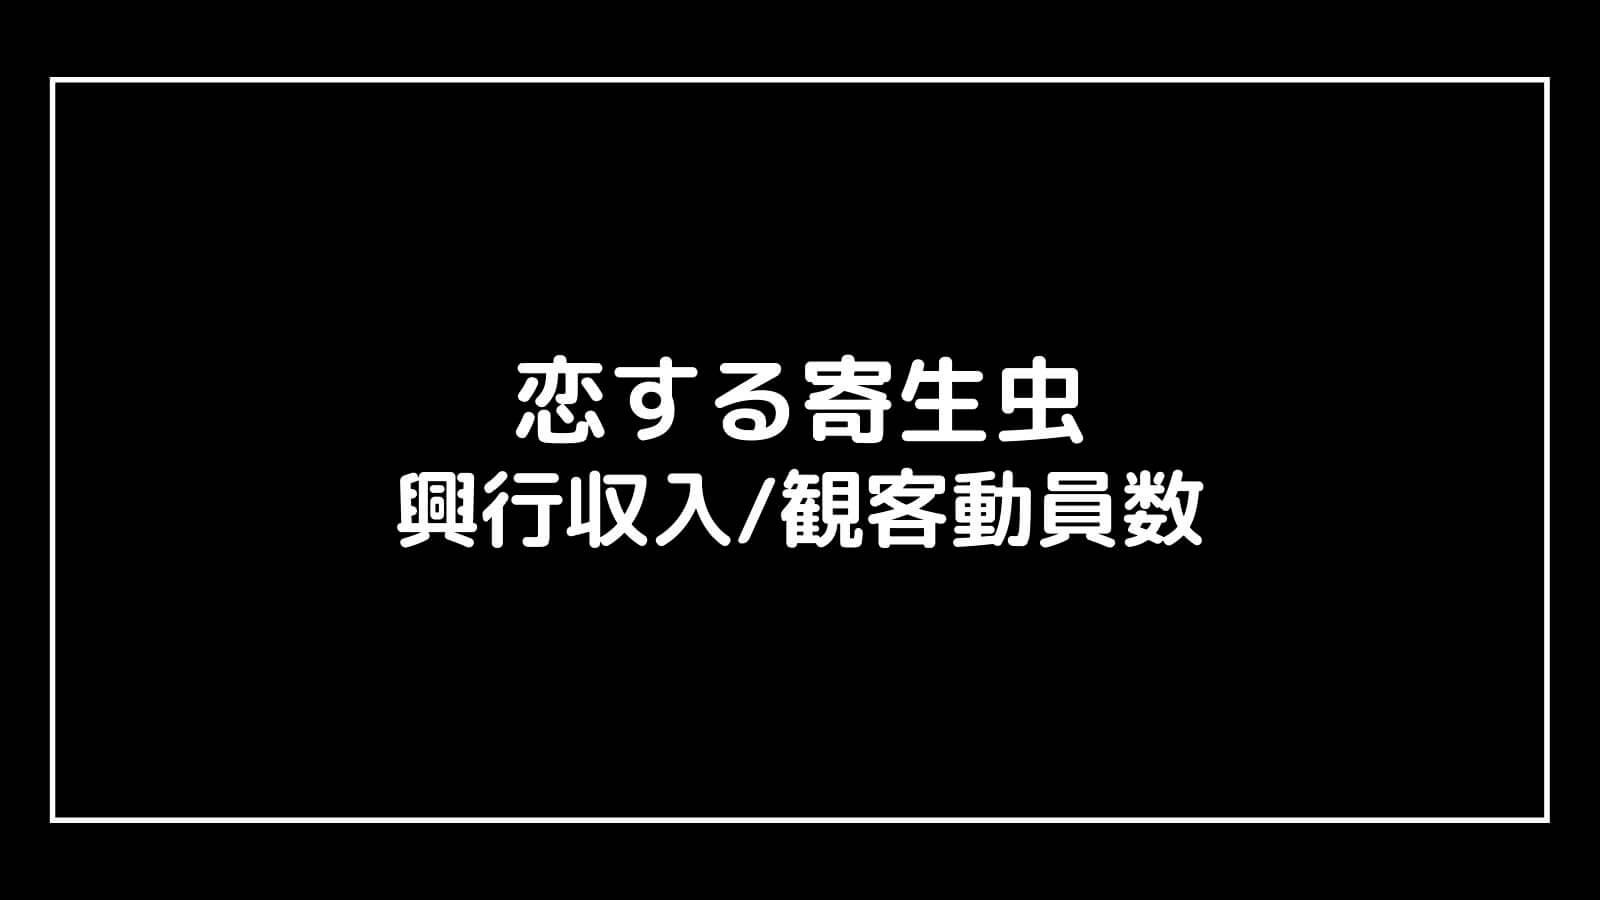 映画『恋する寄生虫』興行収入推移と最終興収を元映画館社員が予想